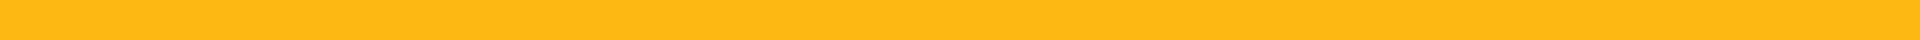 Zgornja-rumena